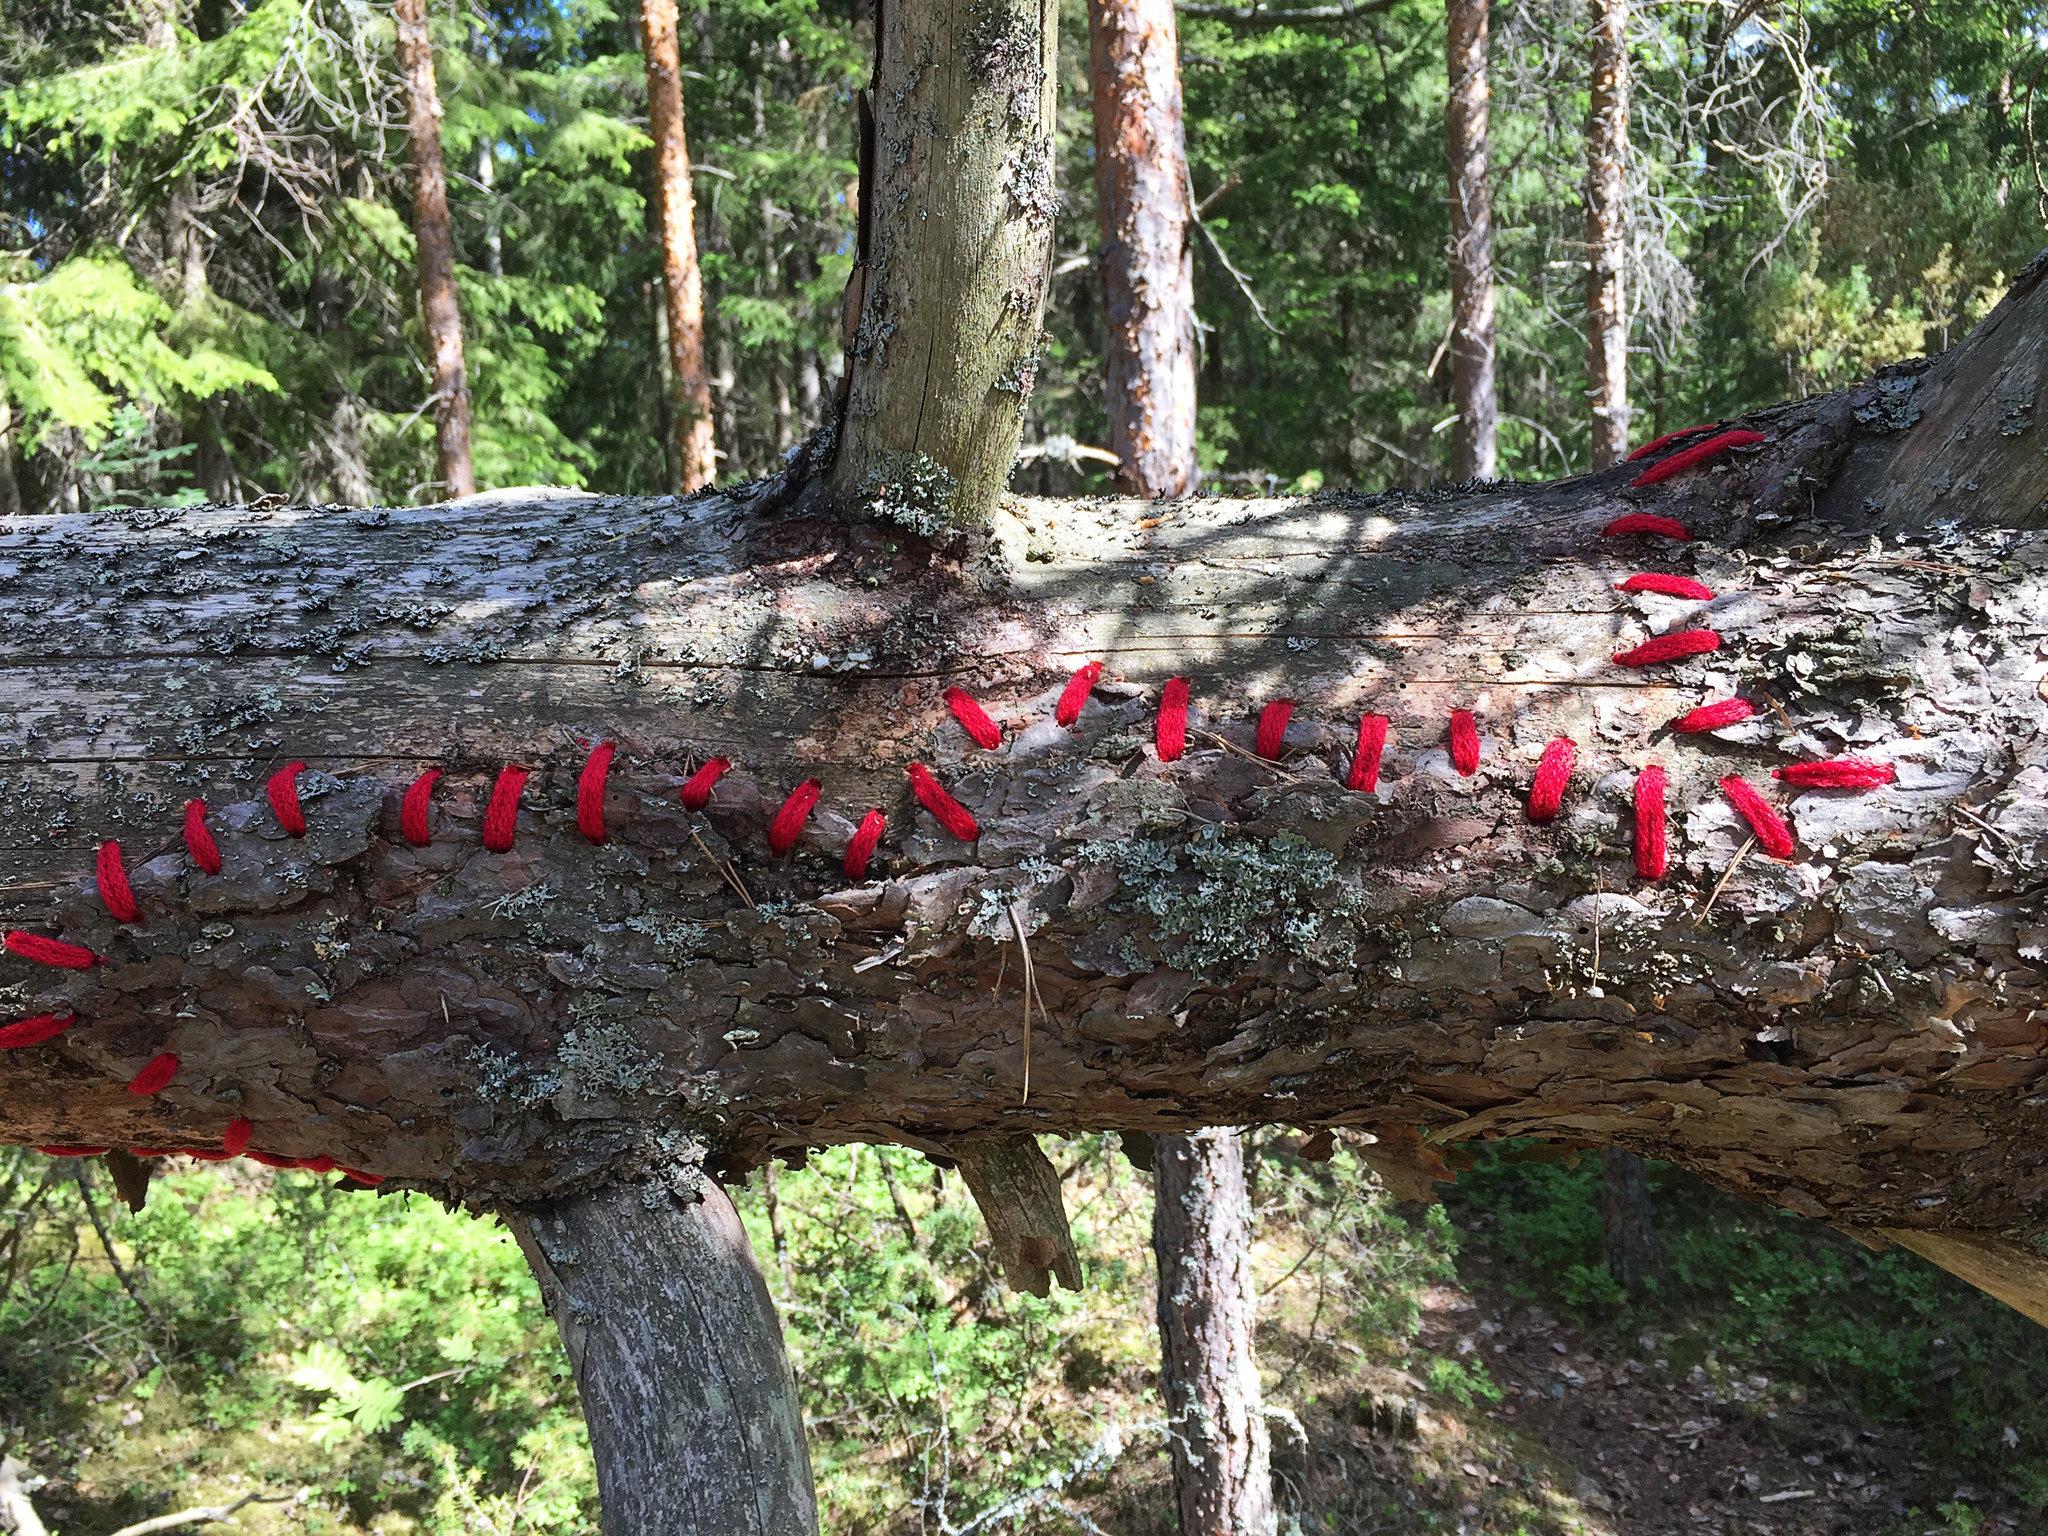 Mended fallen tree